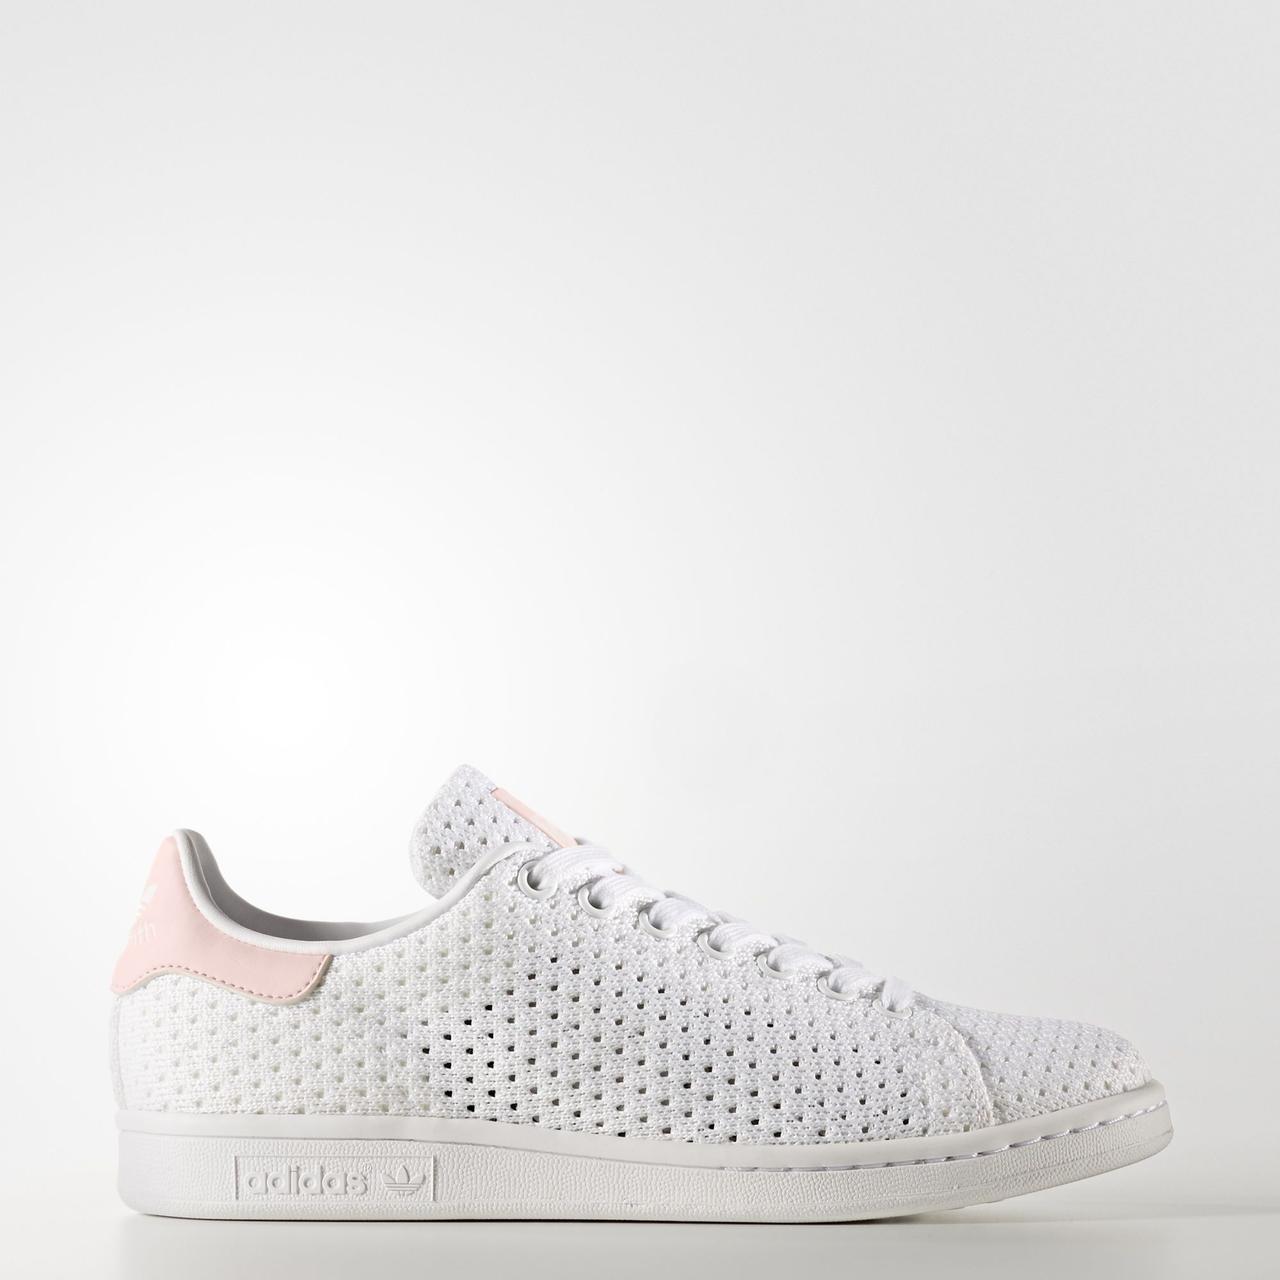 Летние кроссовки женские Adidas Originals Stan Smith S82256 - Интернет  магазин Tip - все типы товаров df20750cffd